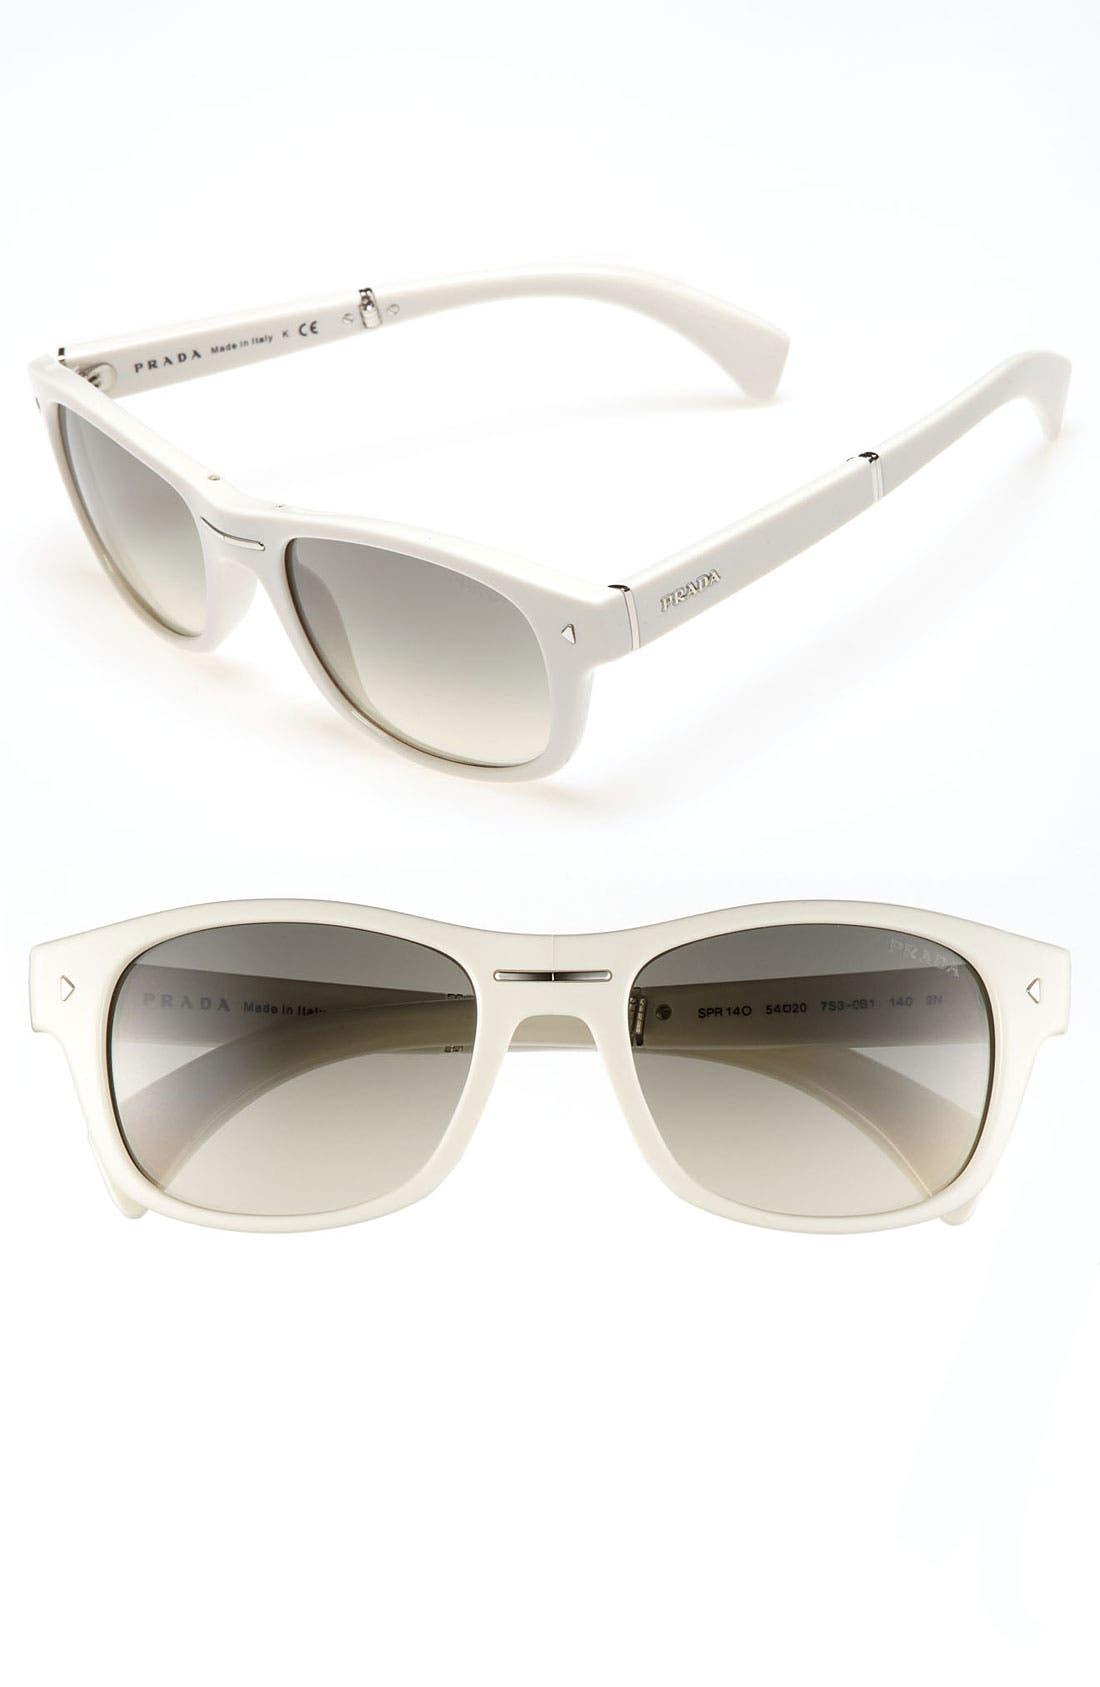 Main Image - Prada 54mm Retro Inspired Sunglasses